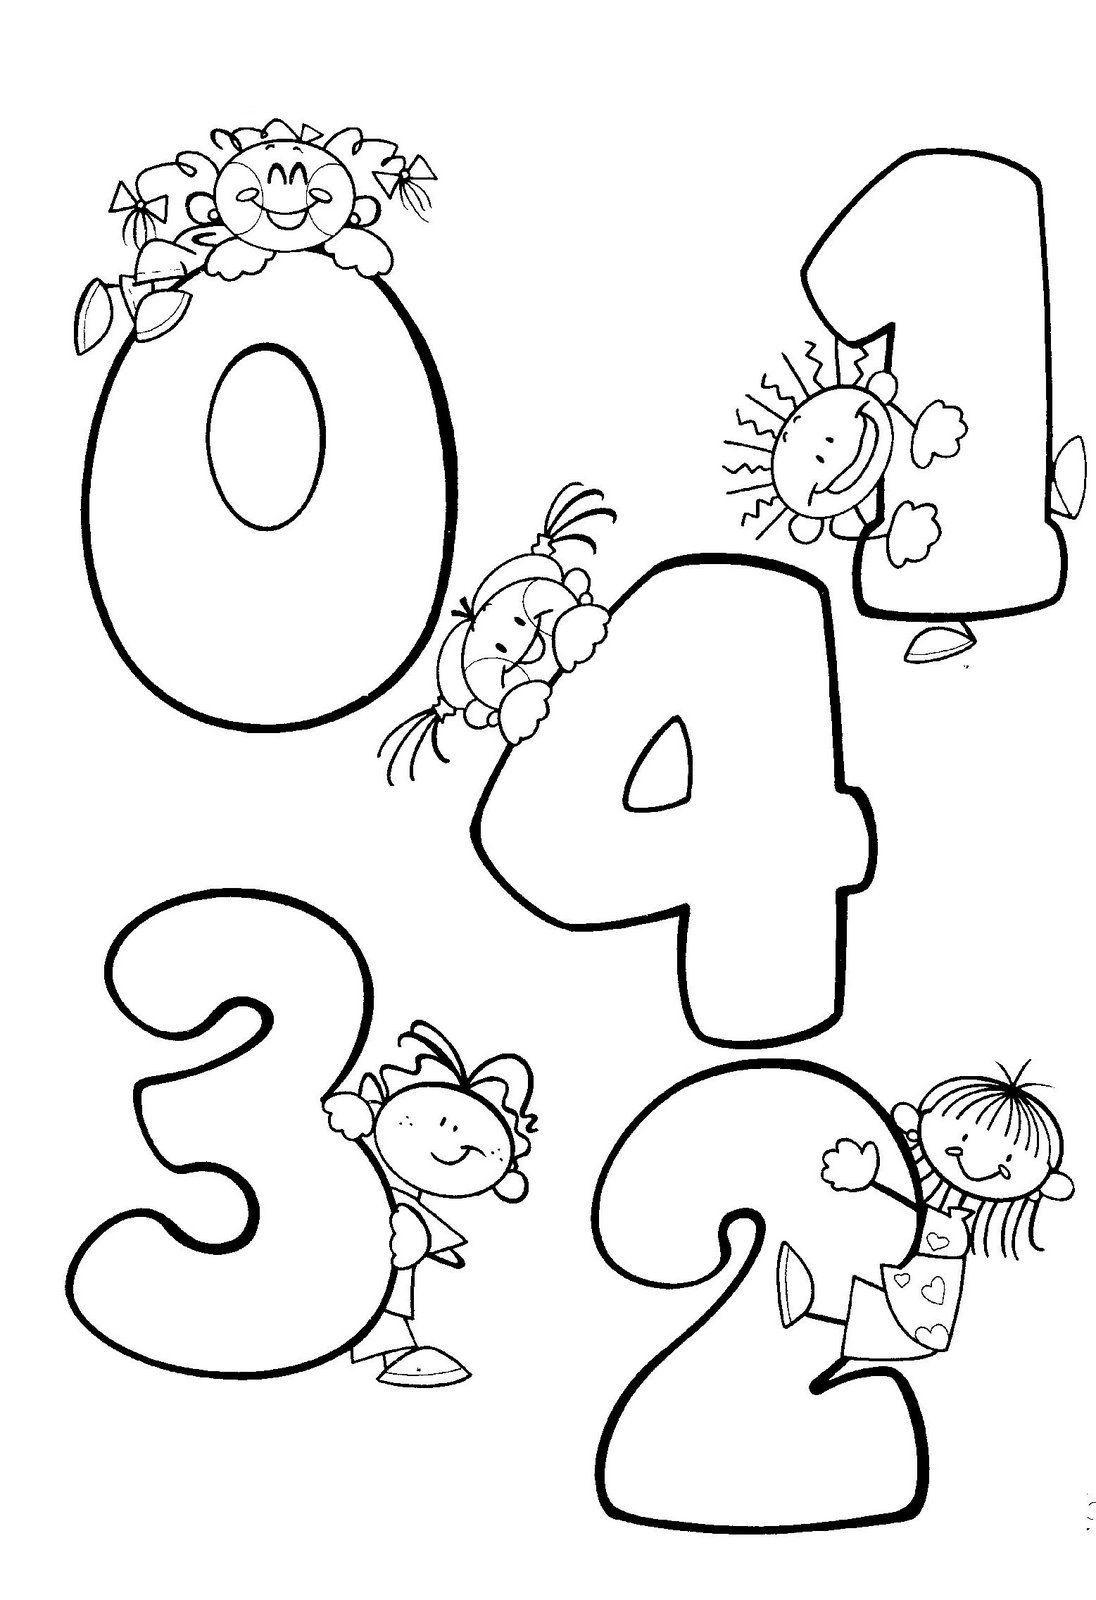 Dibujos Para Colorear Preescolar. Nmeros 0, 1,2,3, 4 ...